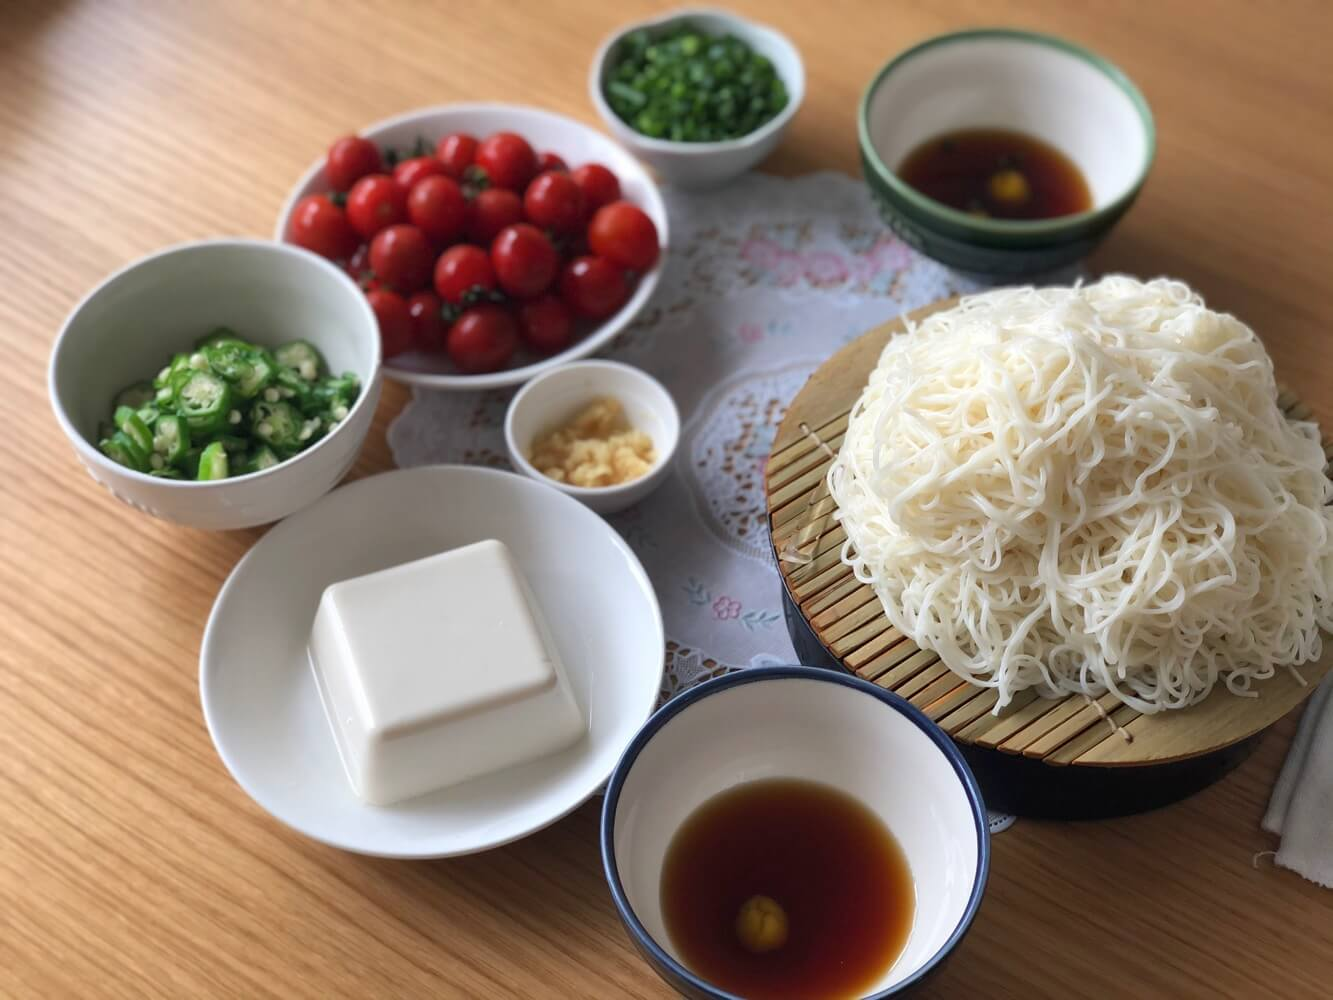 激辛料理で梅雨を吹き飛ばしたり、梅のめんつゆ漬けで素麺を食べた1日【Fu/真面目な日常】